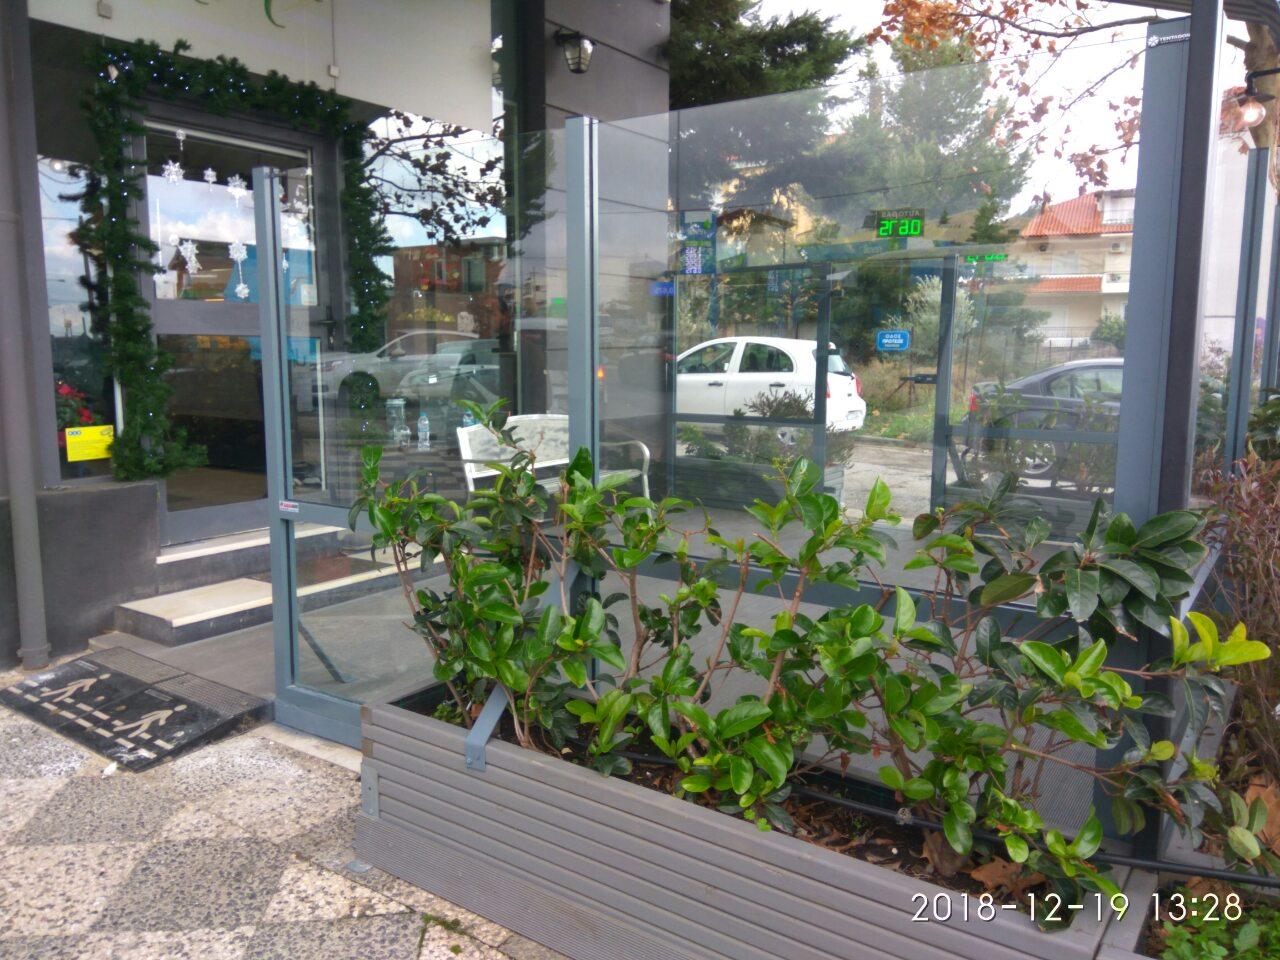 Τοποθέτηση συστήματος ανεμοφρακτών σε φούρνο στο Χαλάνδρι | Tentagon